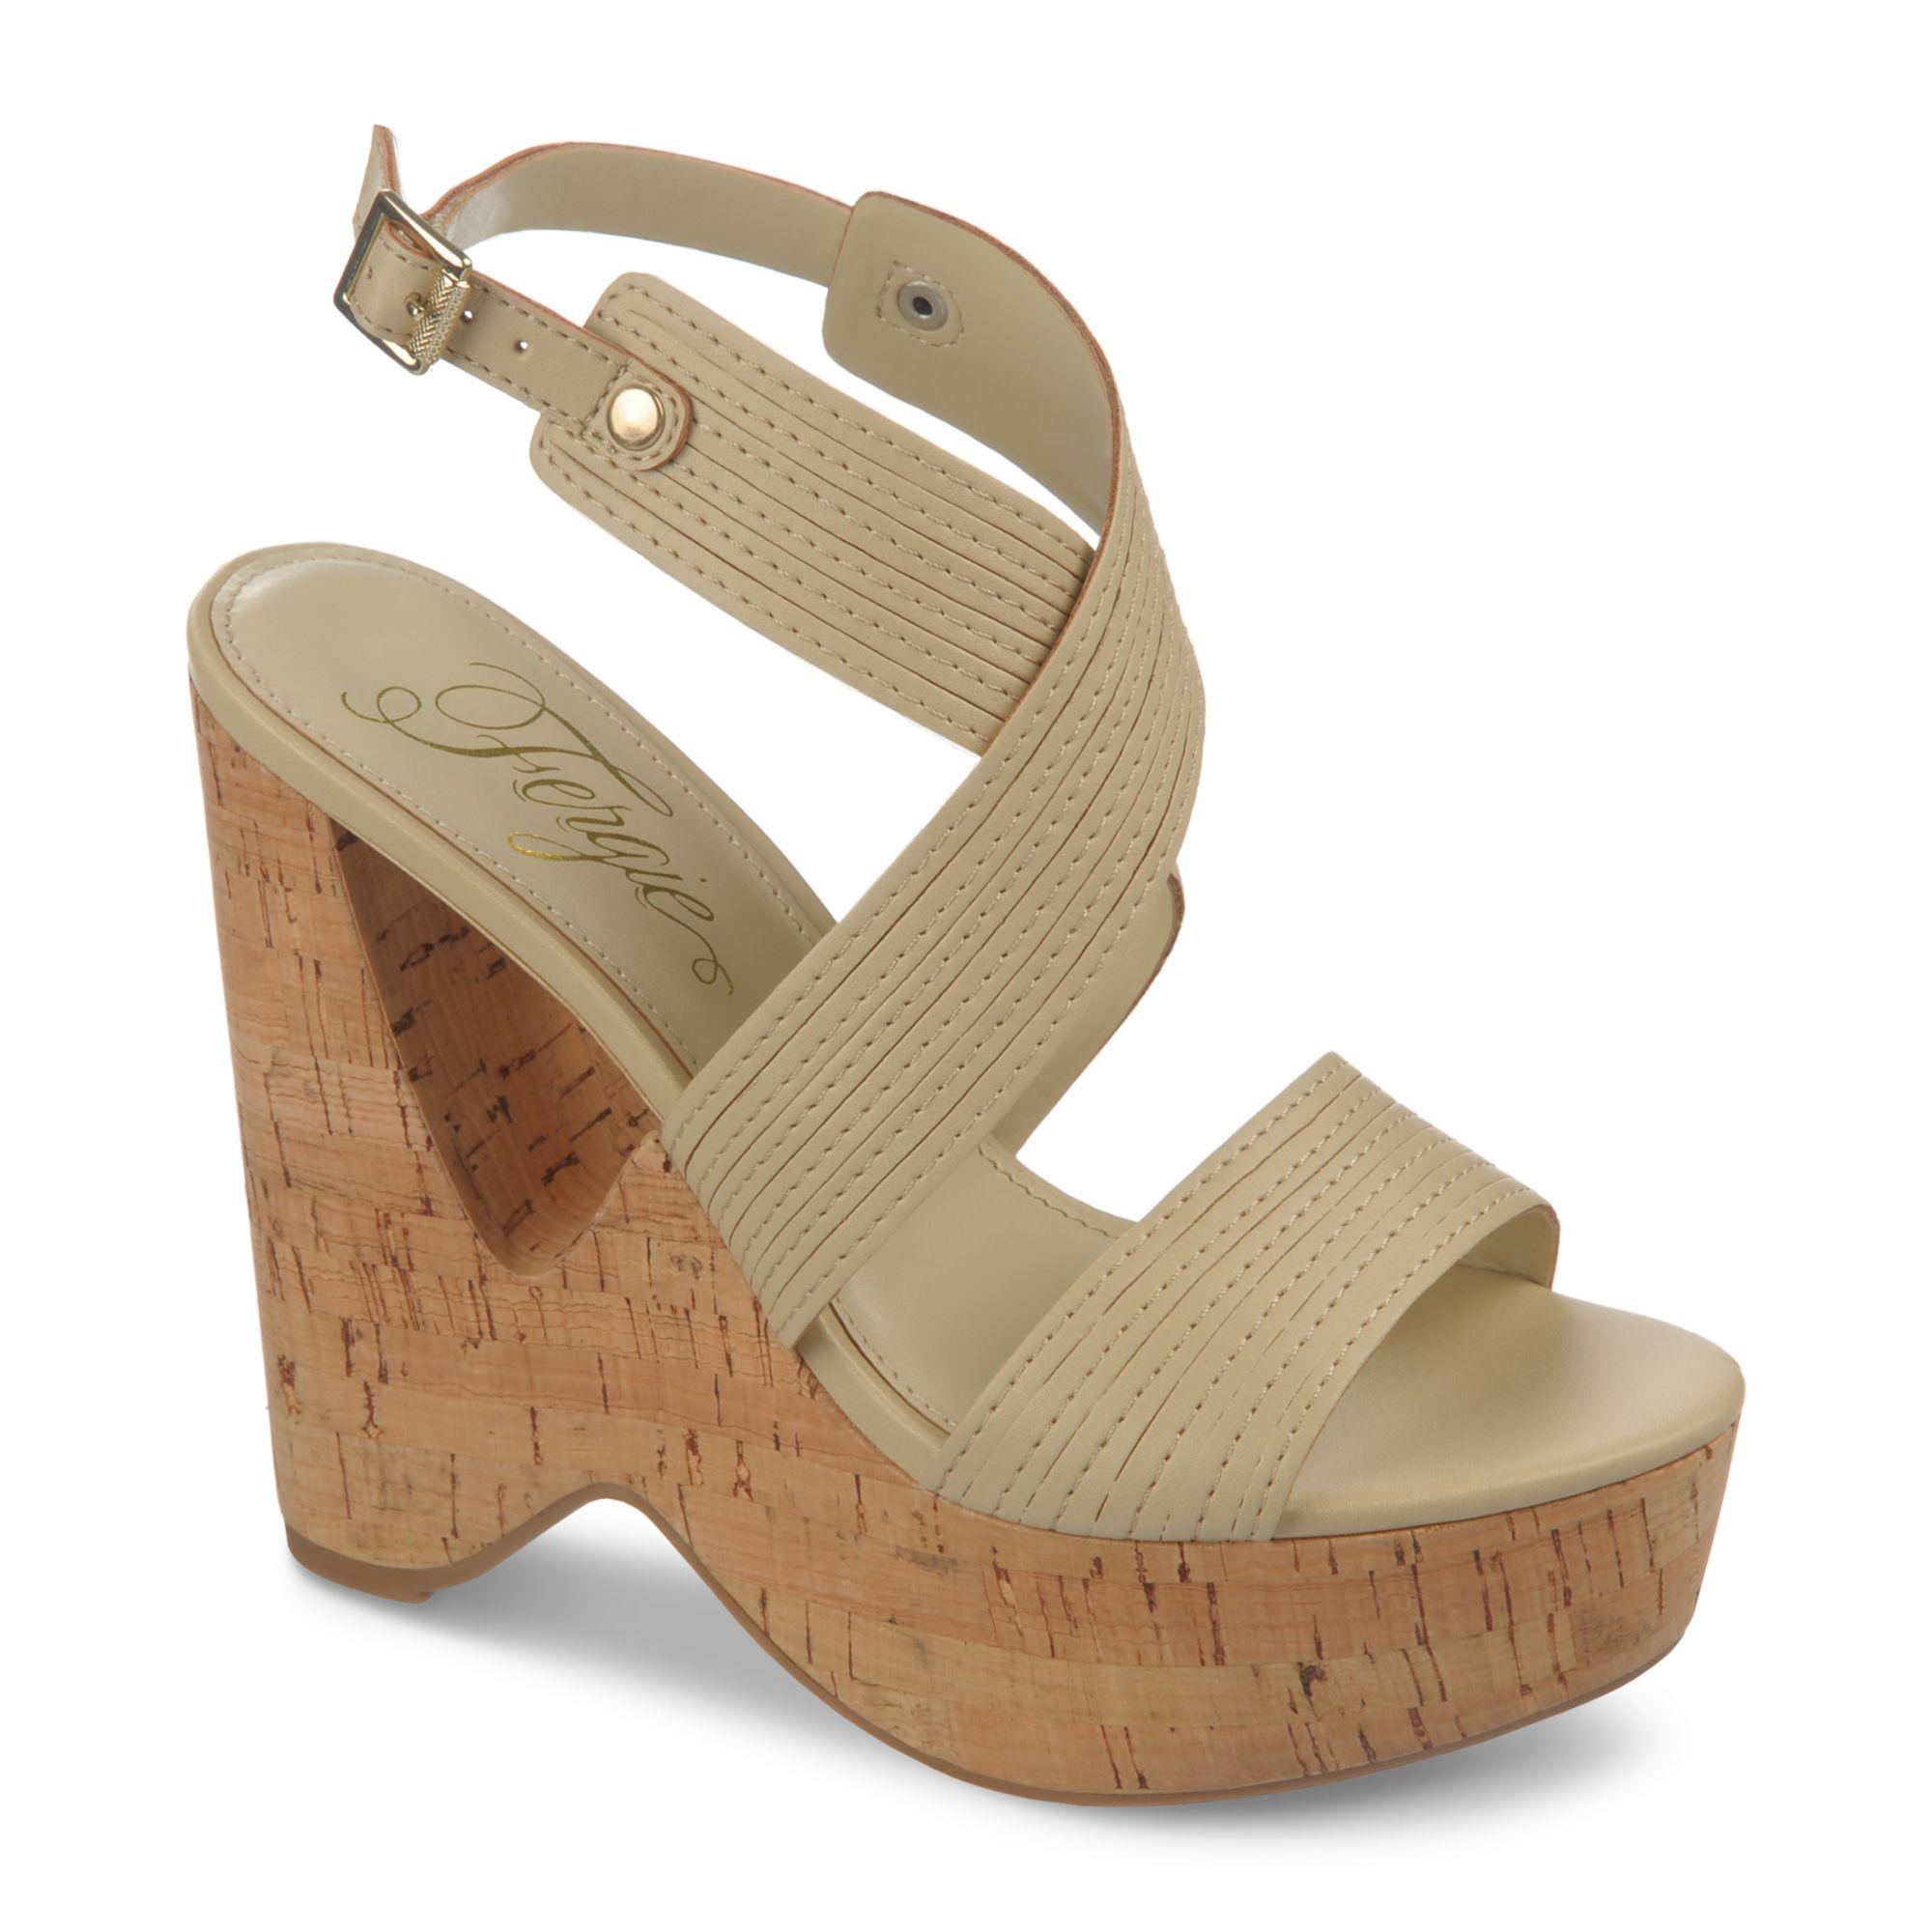 fergie alive cork platform wedge sandals in beige